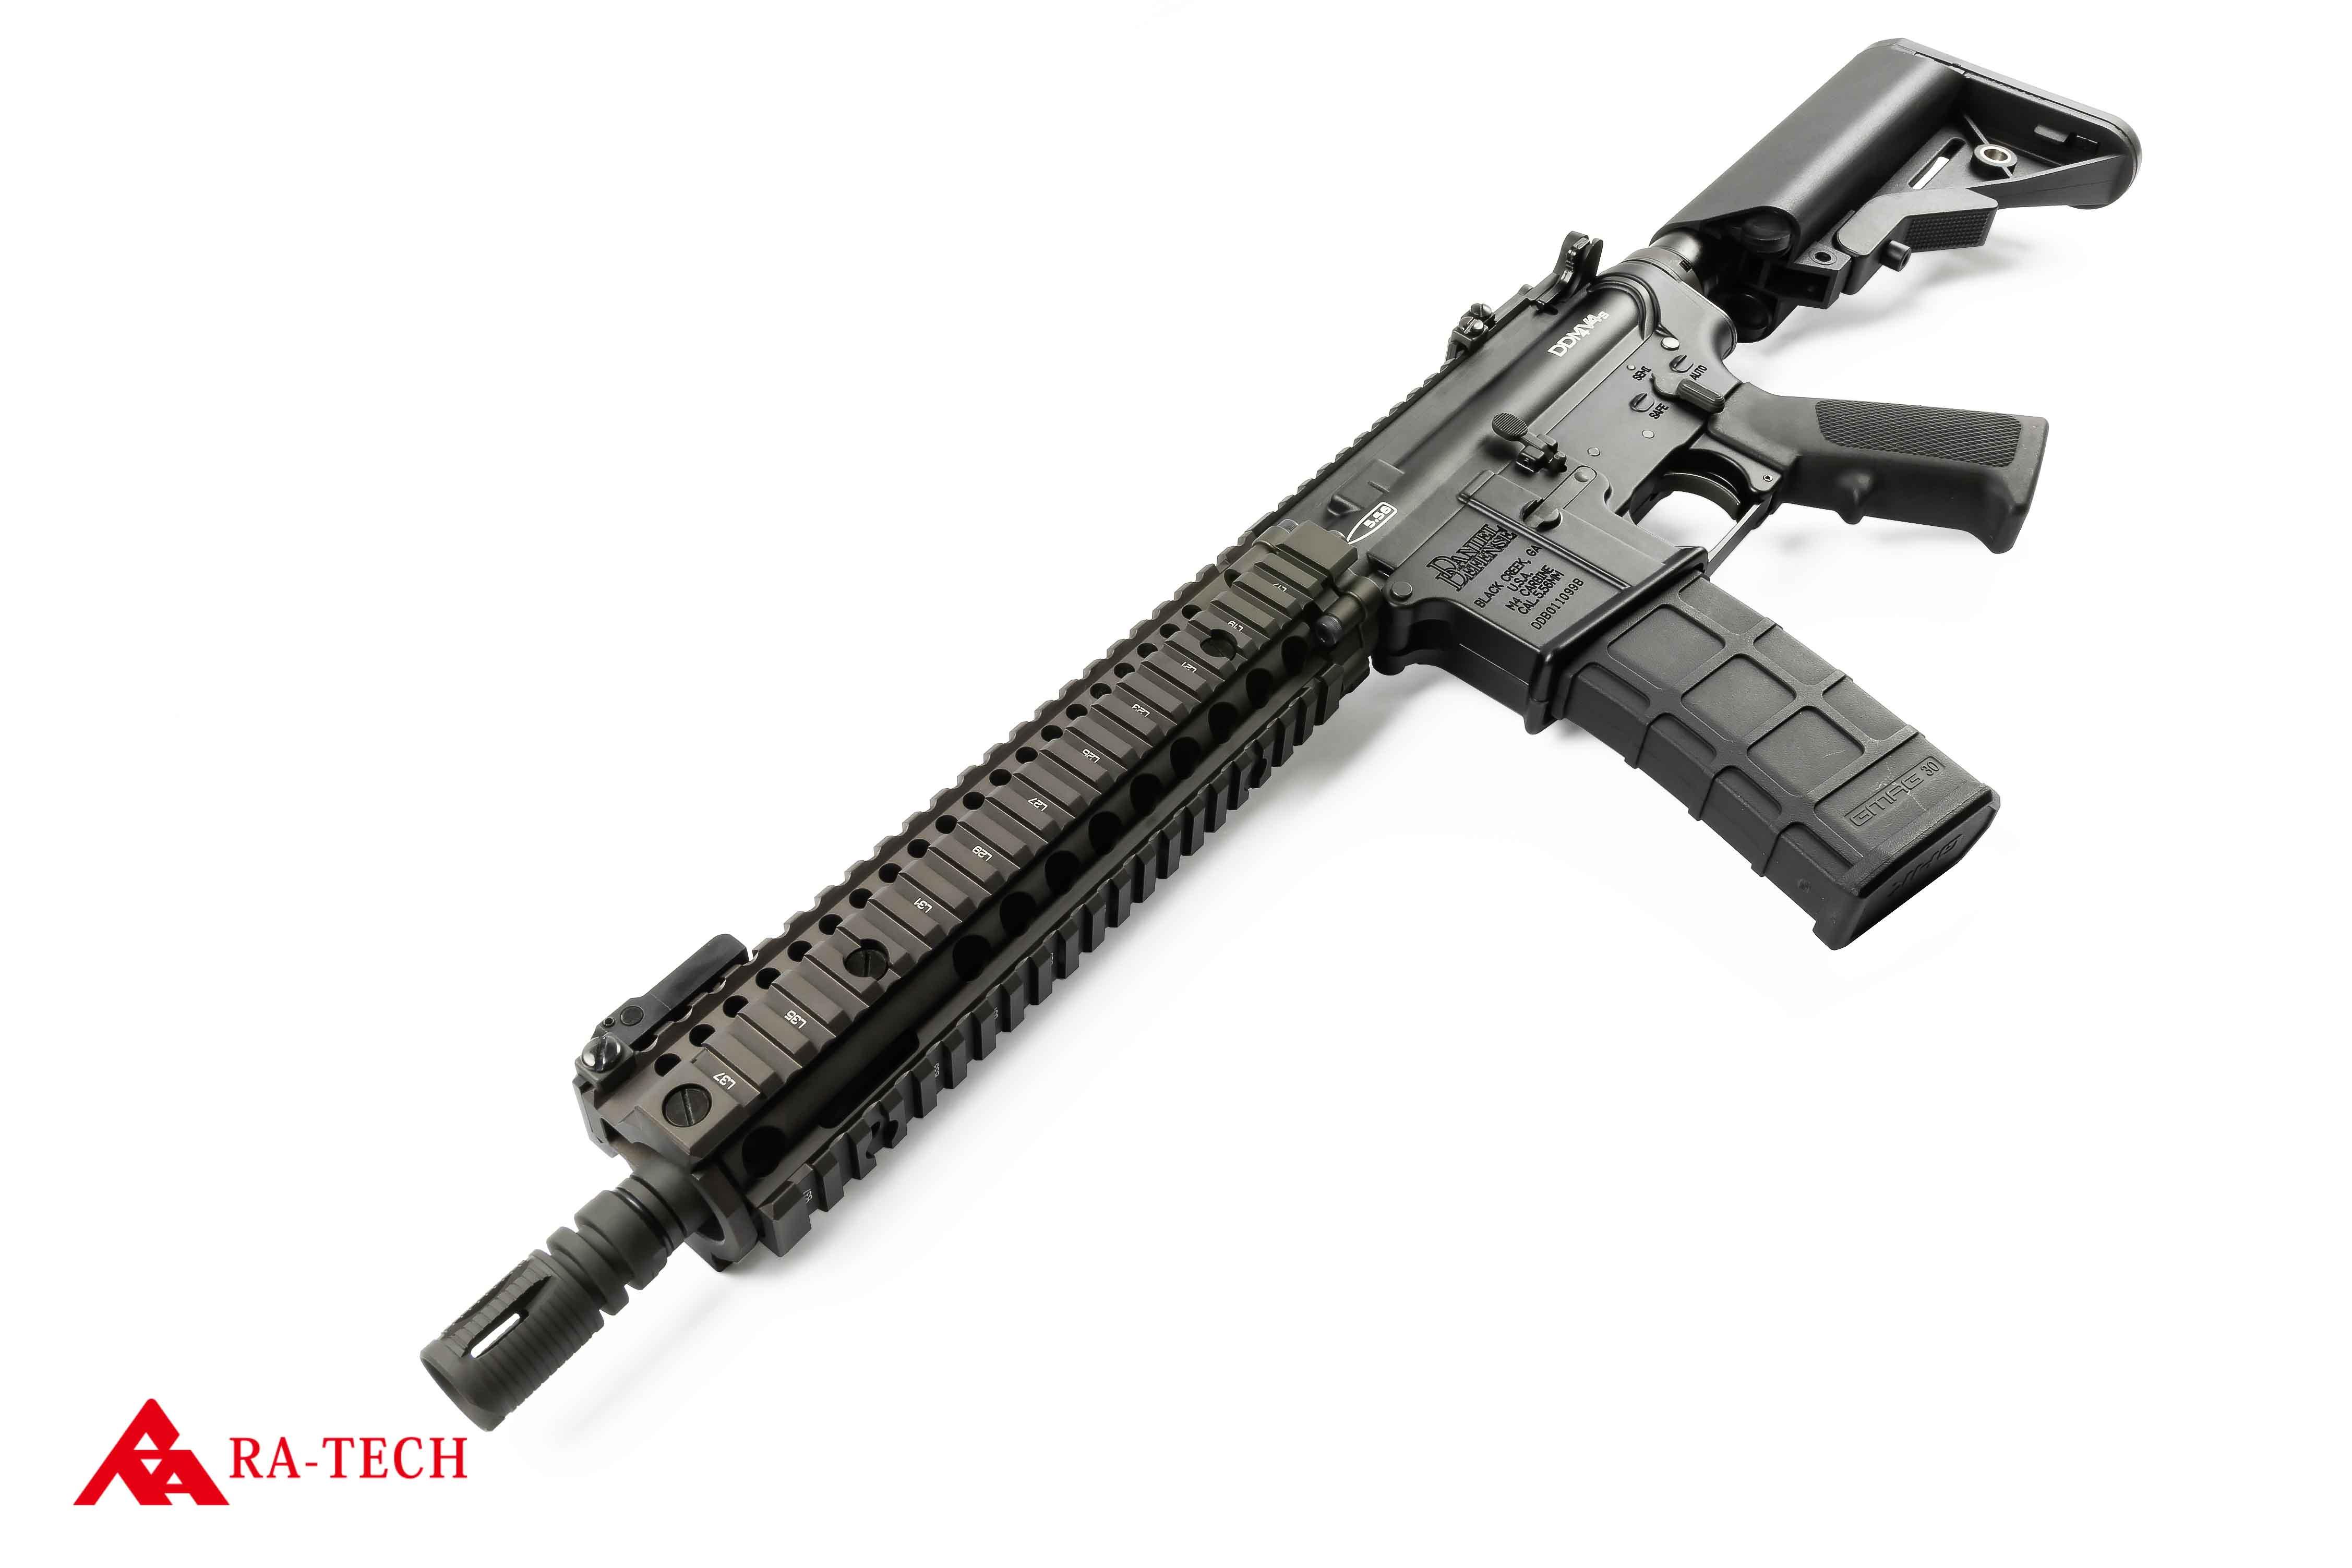 【LV1カスタム】 GHK MK18 Mod.1 GBB 鍛造レシーバーバージョン